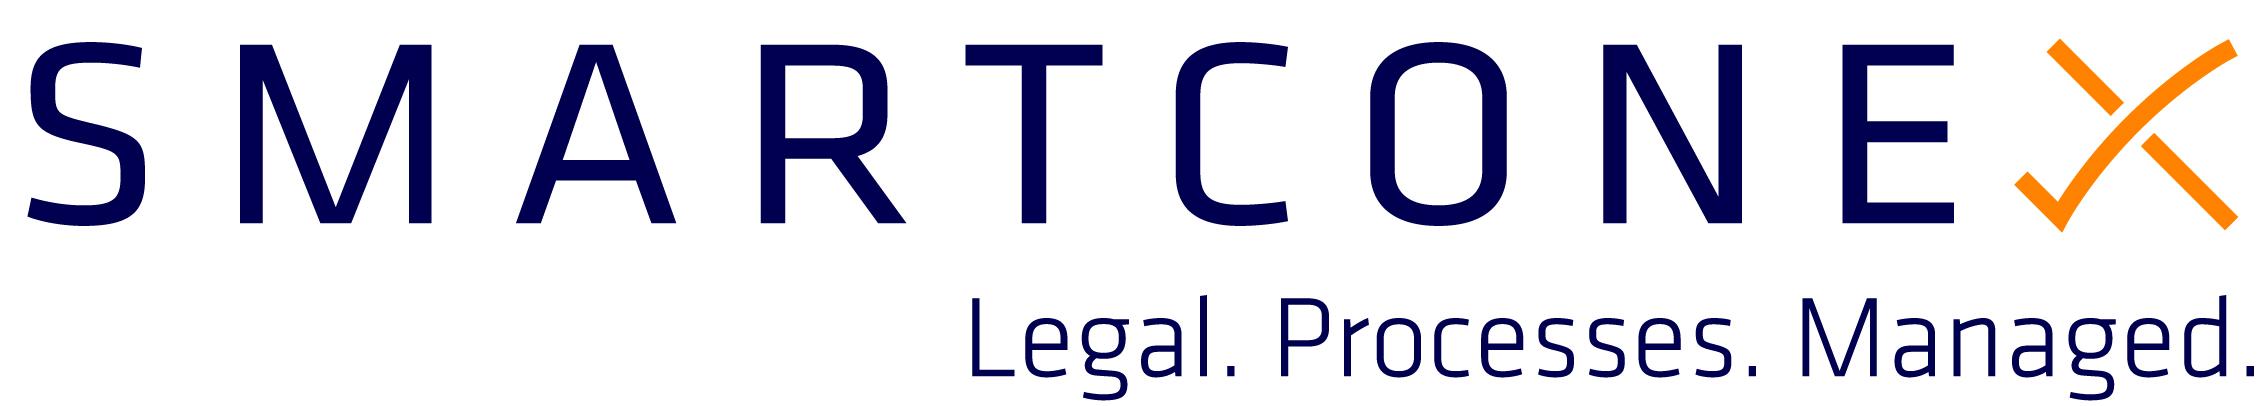 SmartConex_logo